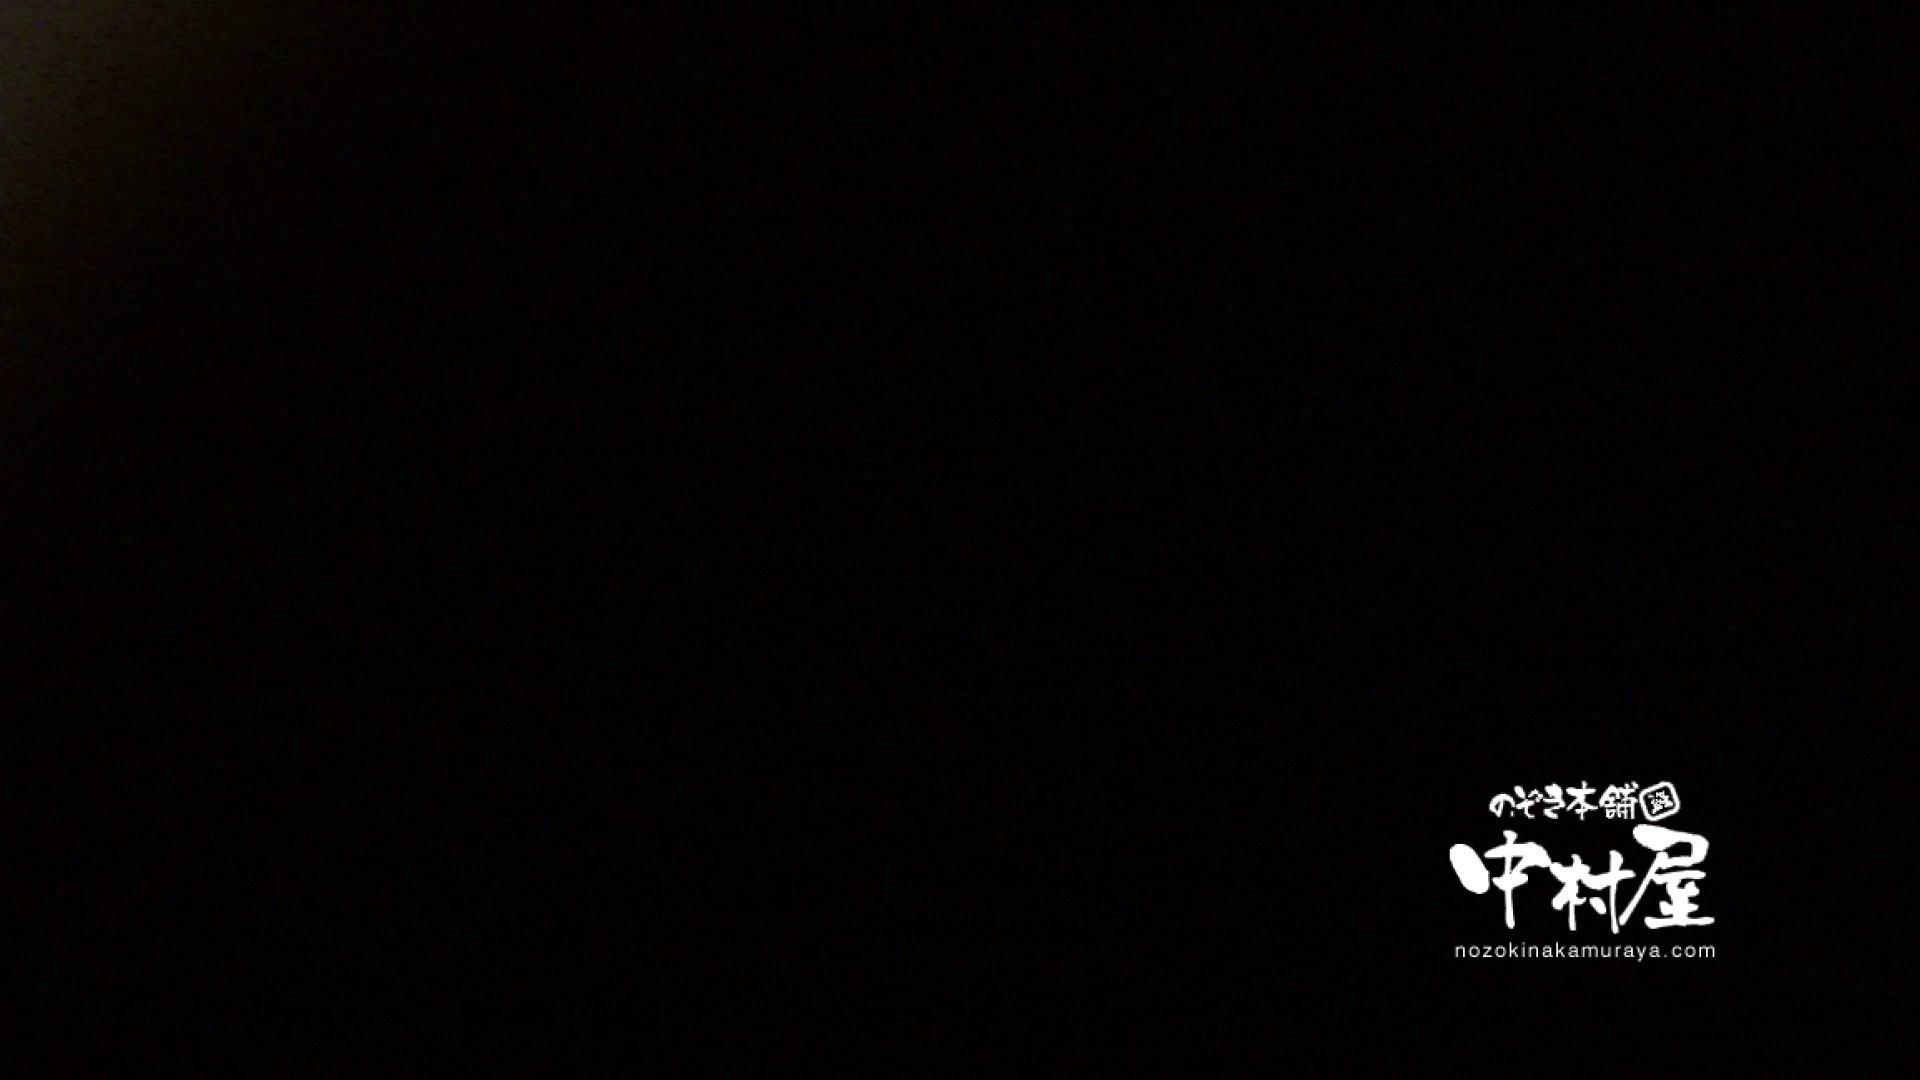 鬼畜 vol.10 あぁ無情…中出しパイパン! 後編 中出し ワレメ無修正動画無料 41pic 30